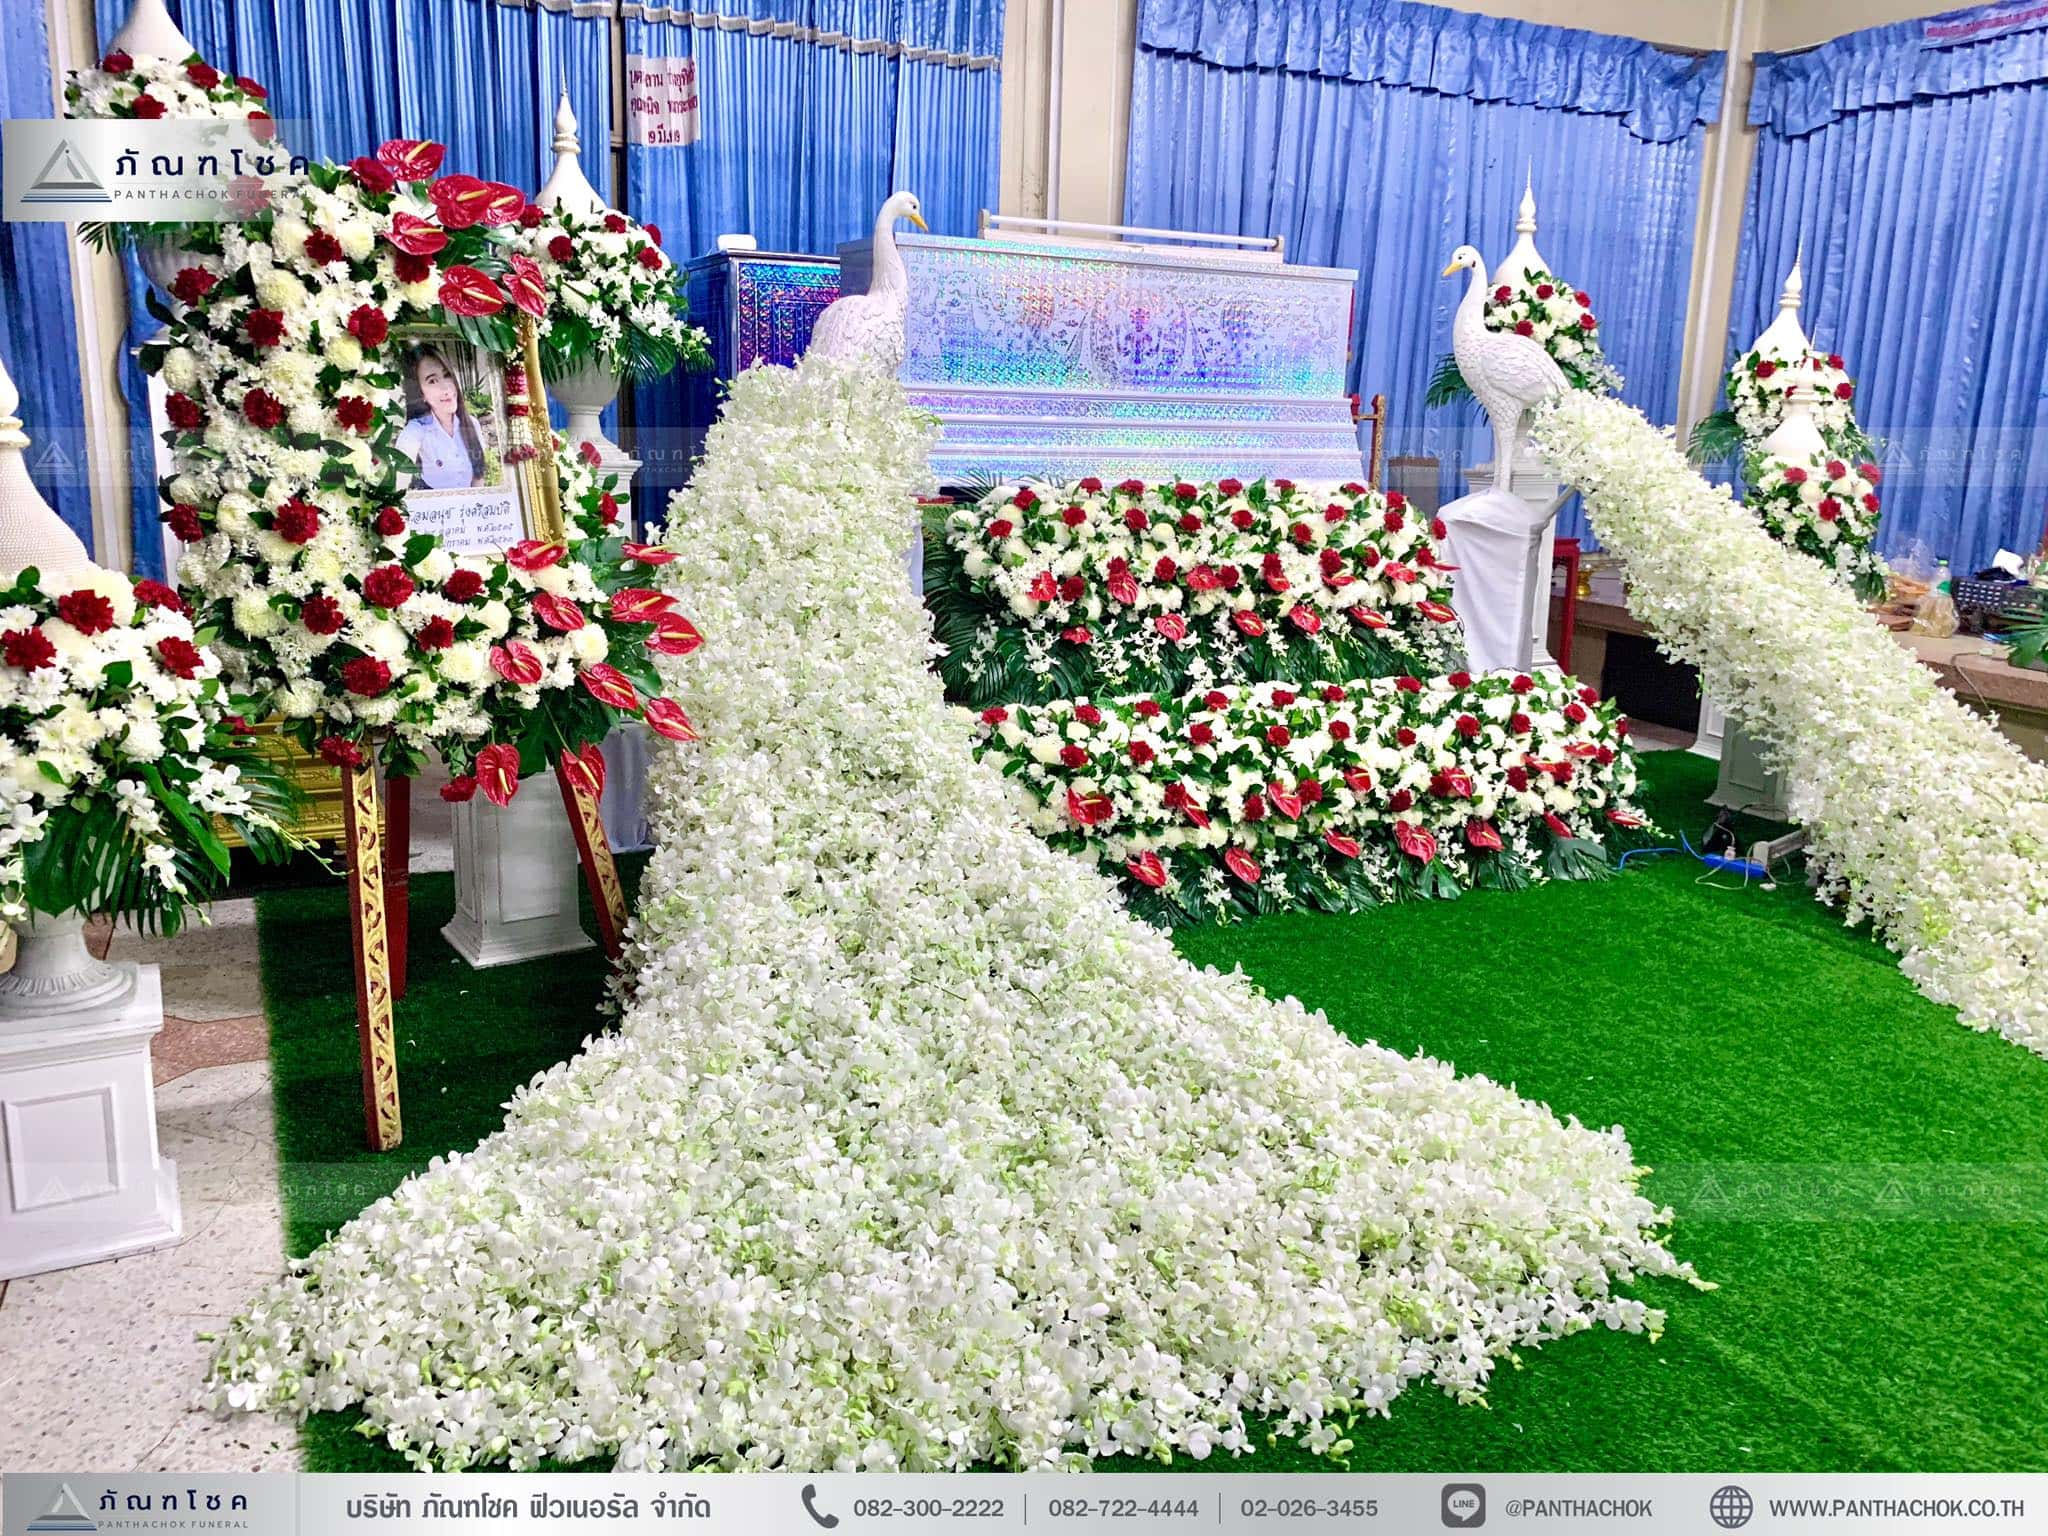 ดอกไม้งานศพ ดอกไม้หน้าหีบนกยูง